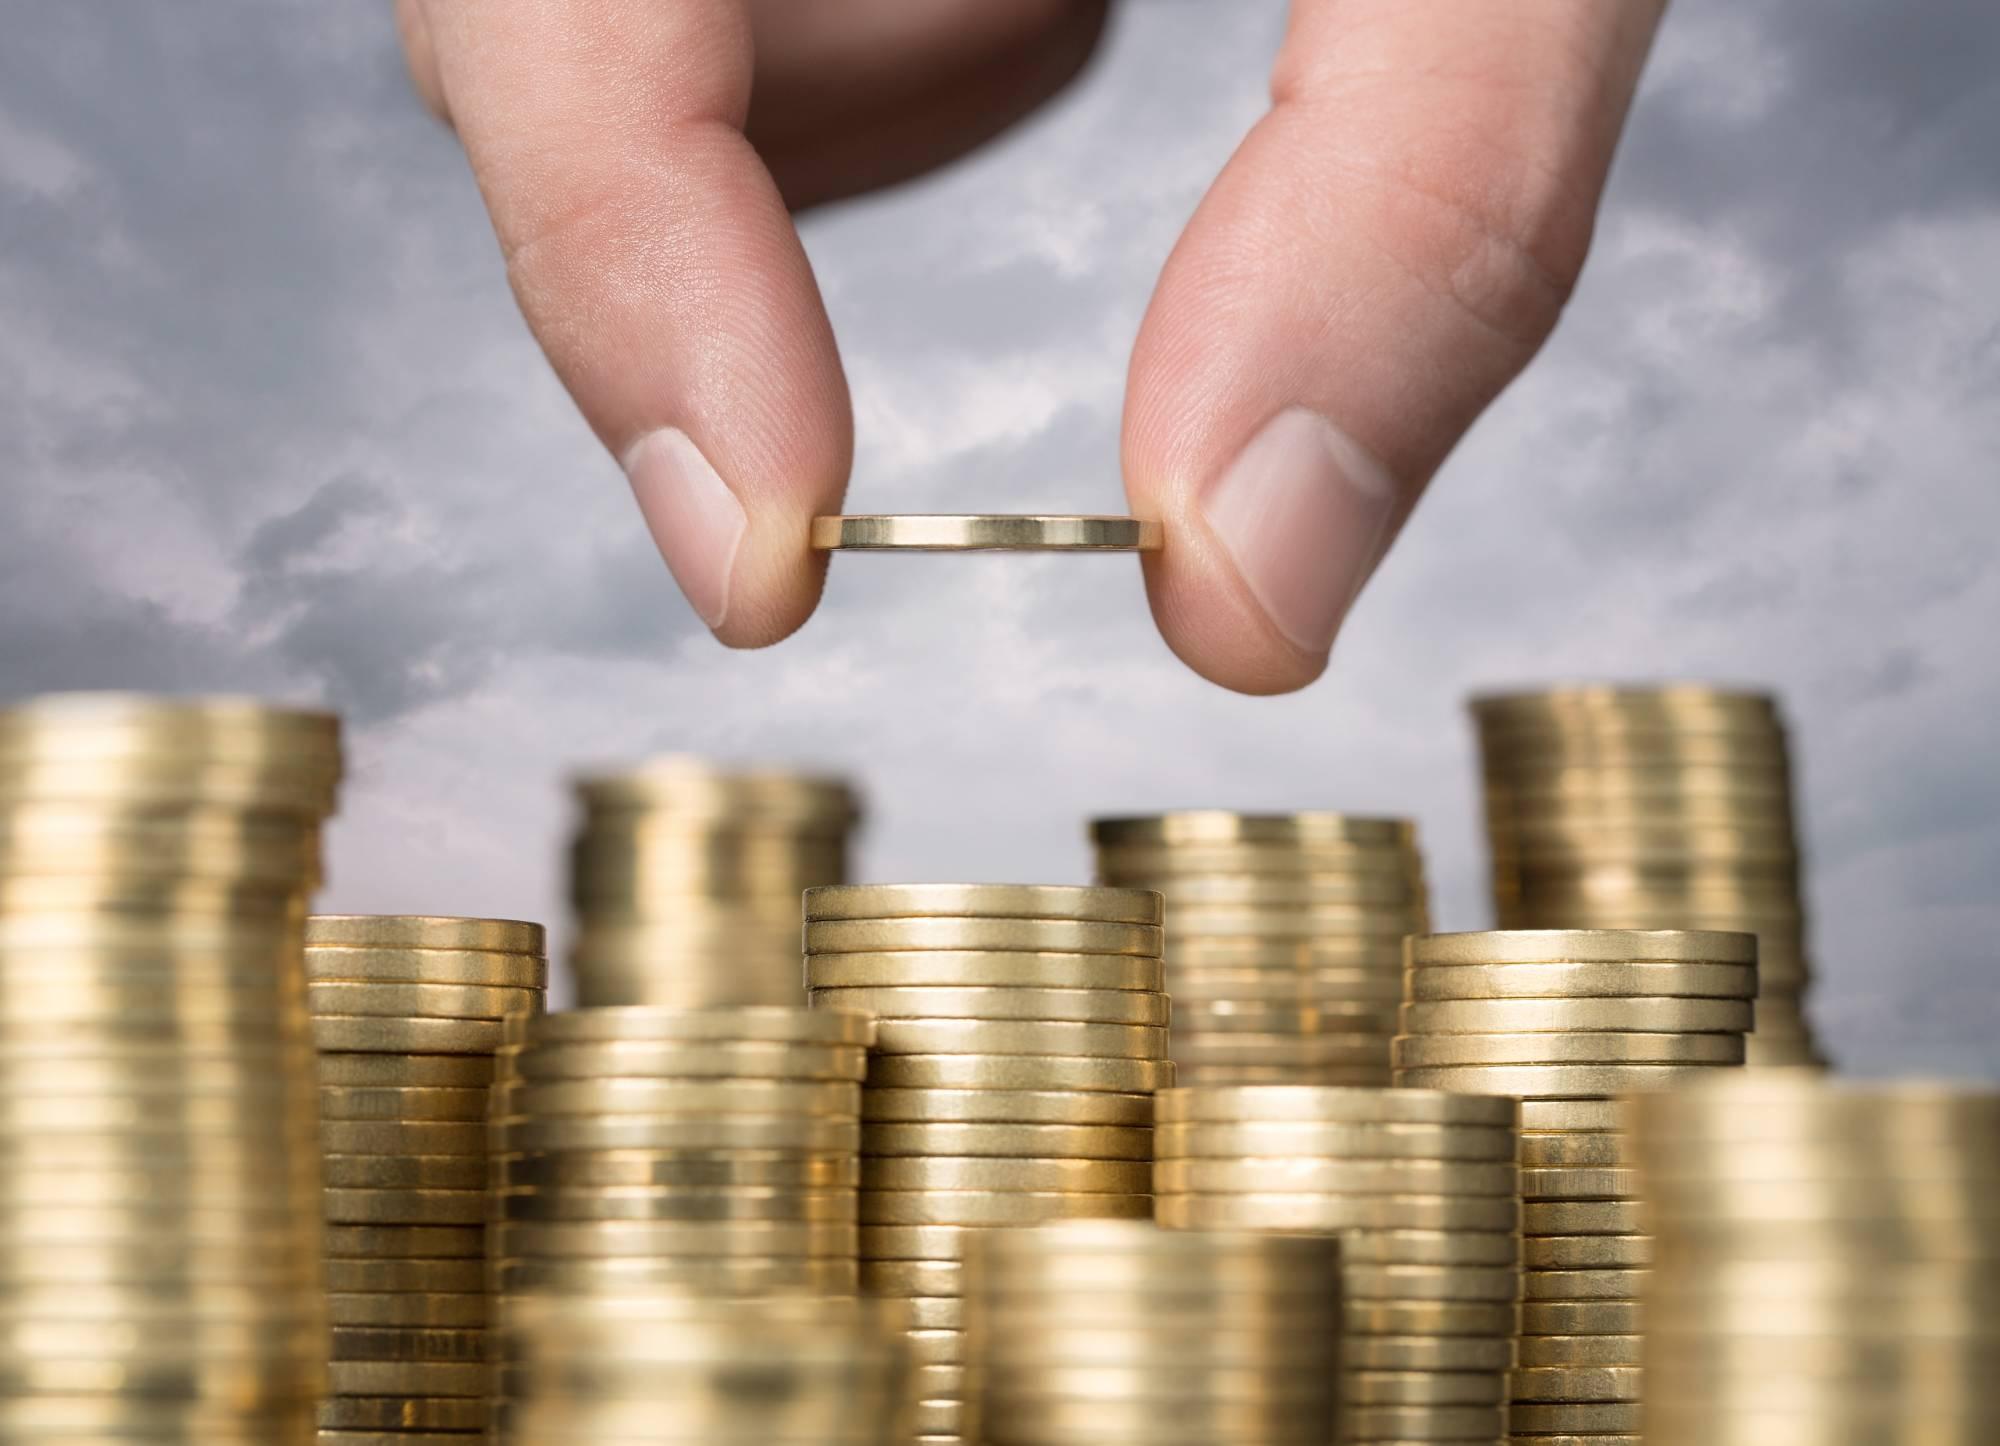 Ставка на прибыль: банковские депозиты готовятся к росту